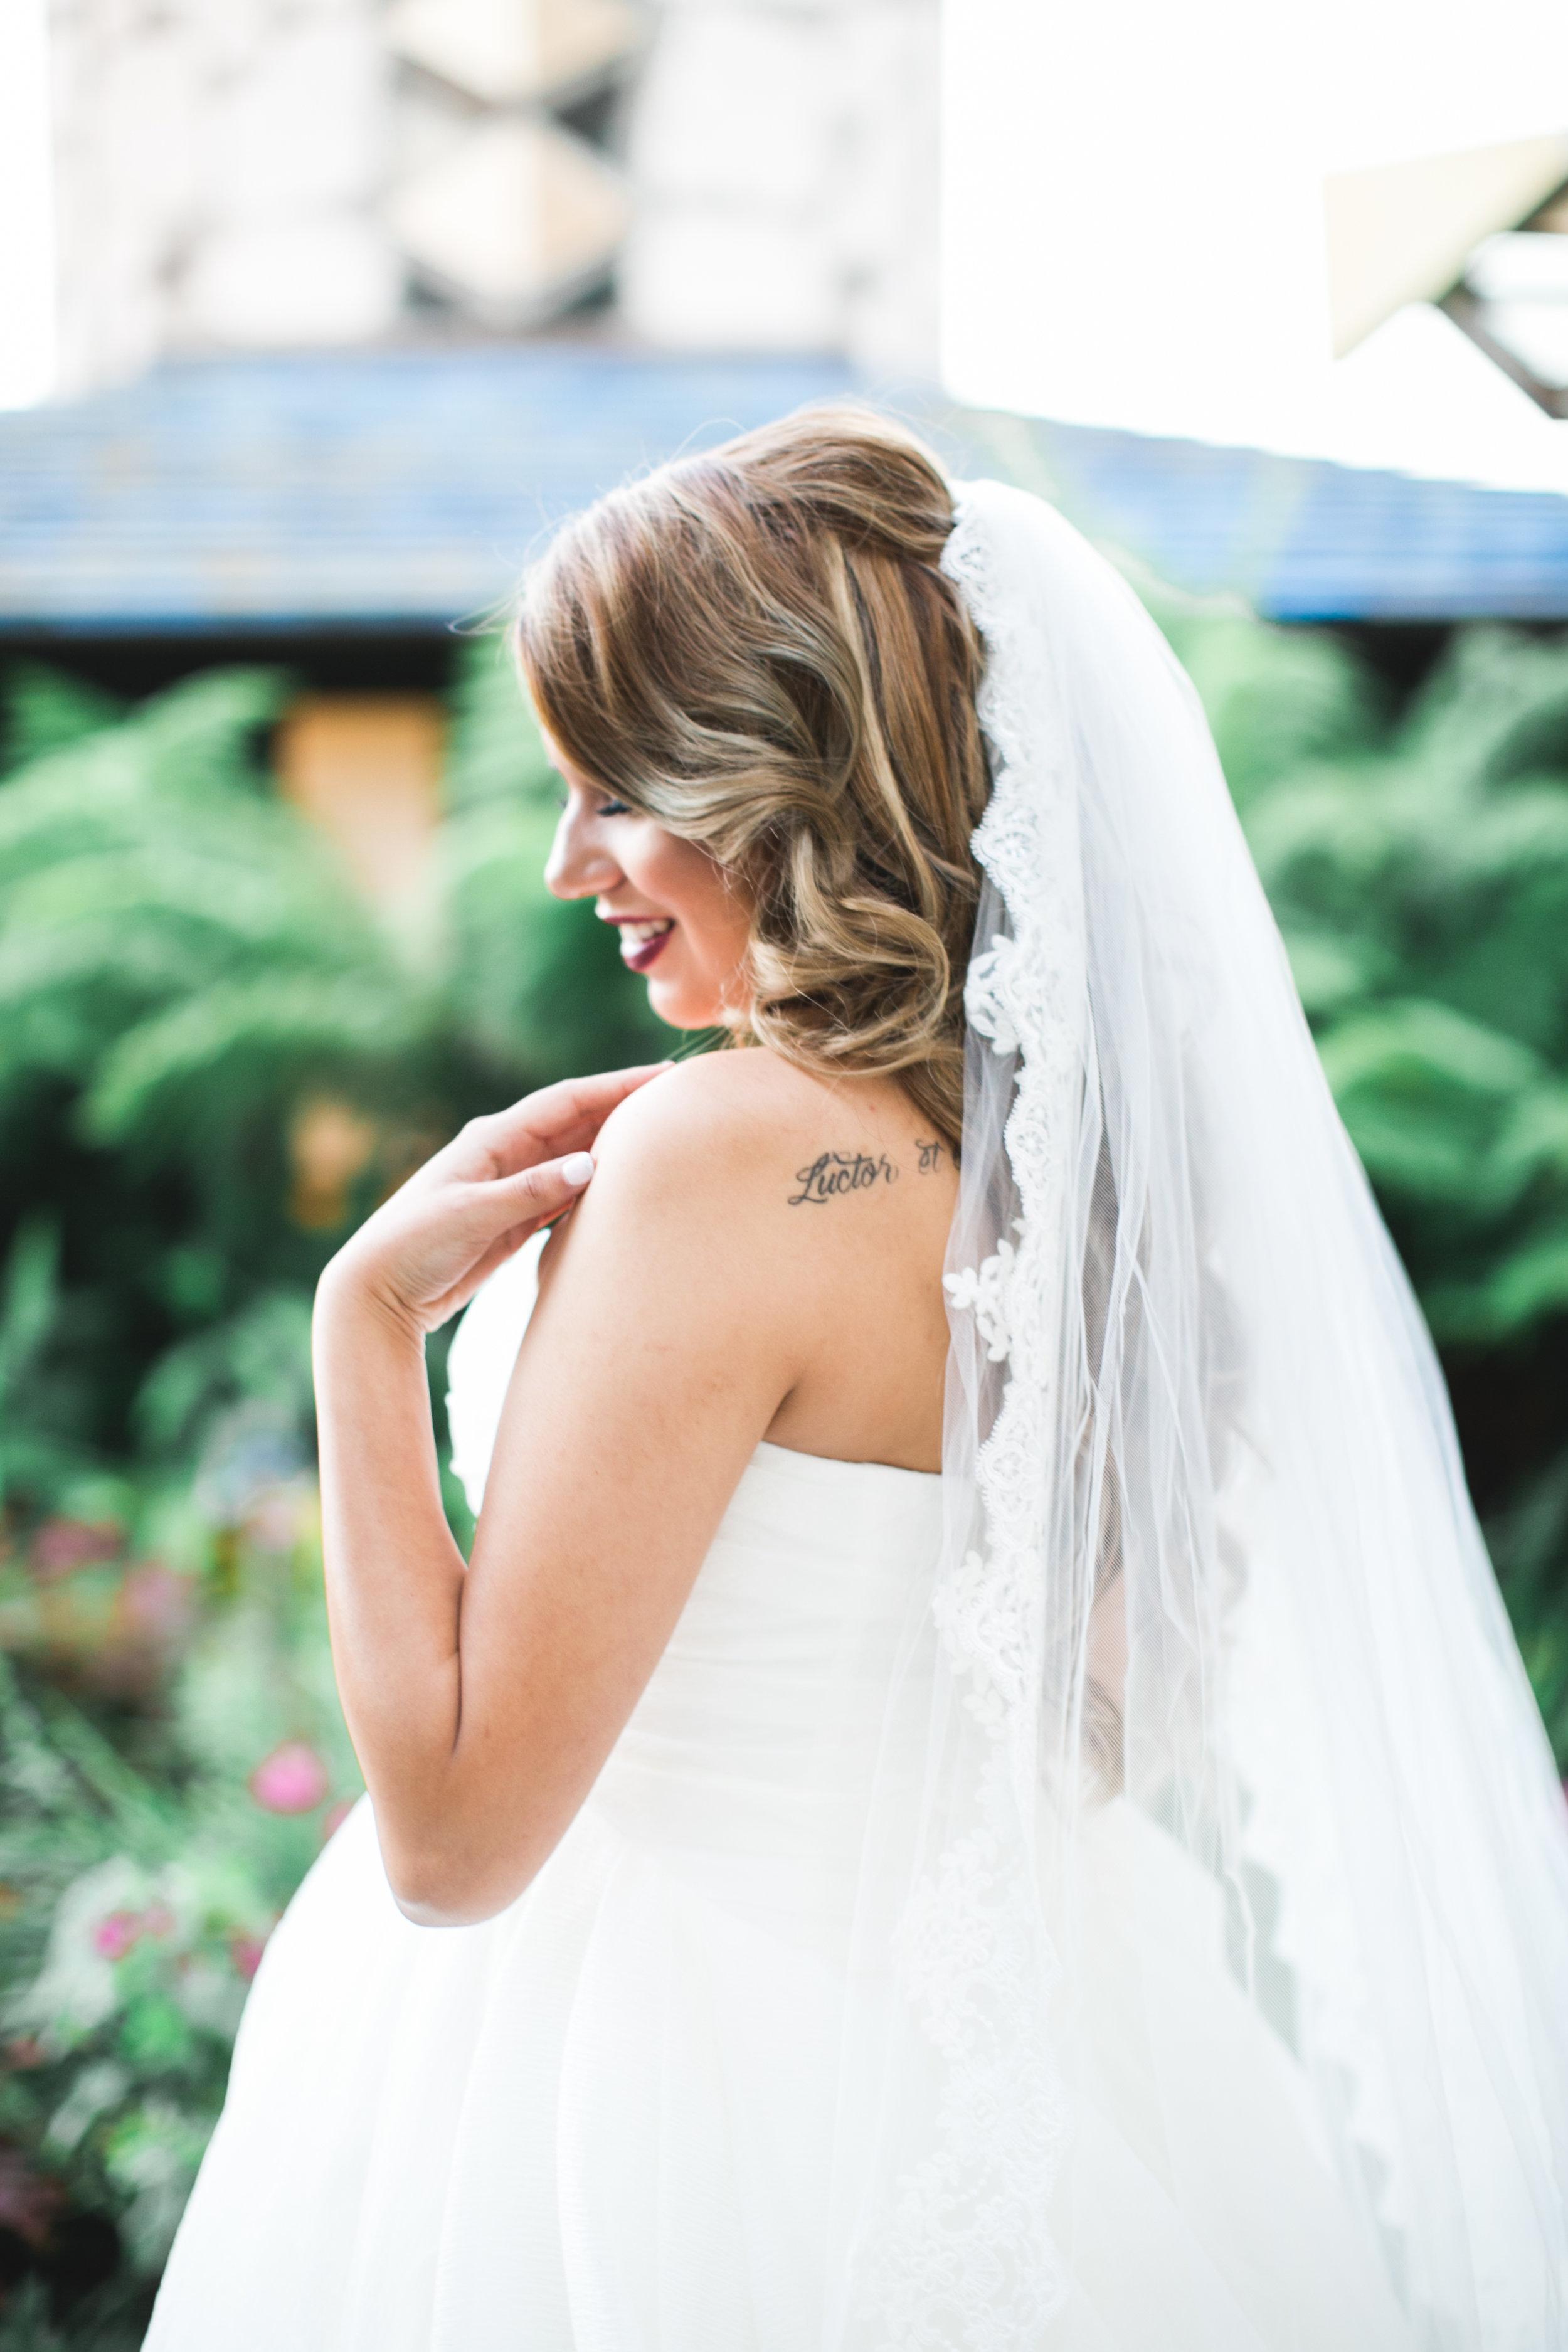 The most beautiful pregnant bride I'd ever seen.